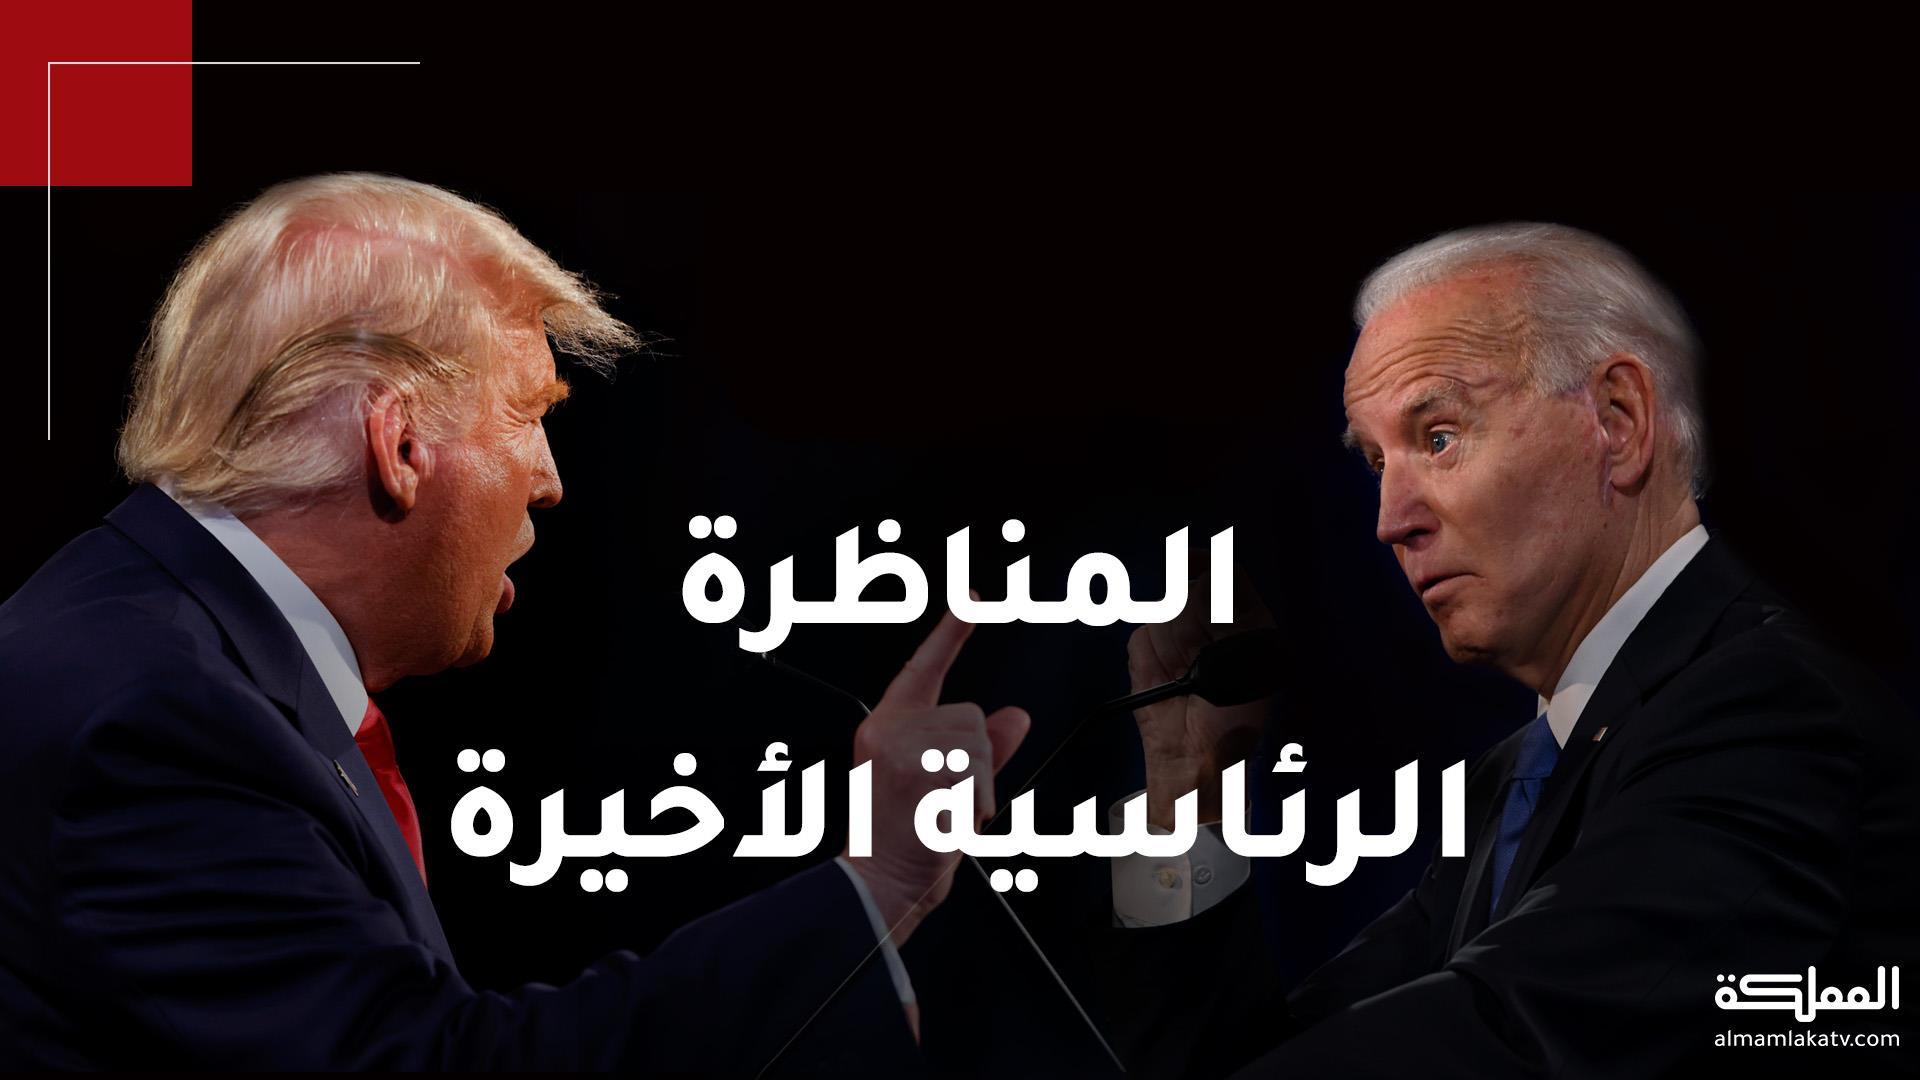 ترامب وبايدن في المناظرة الأخيرة ...اتهامات متبادلة في المناظرة الأخيرة قبيل الانتخابات الرئاسية